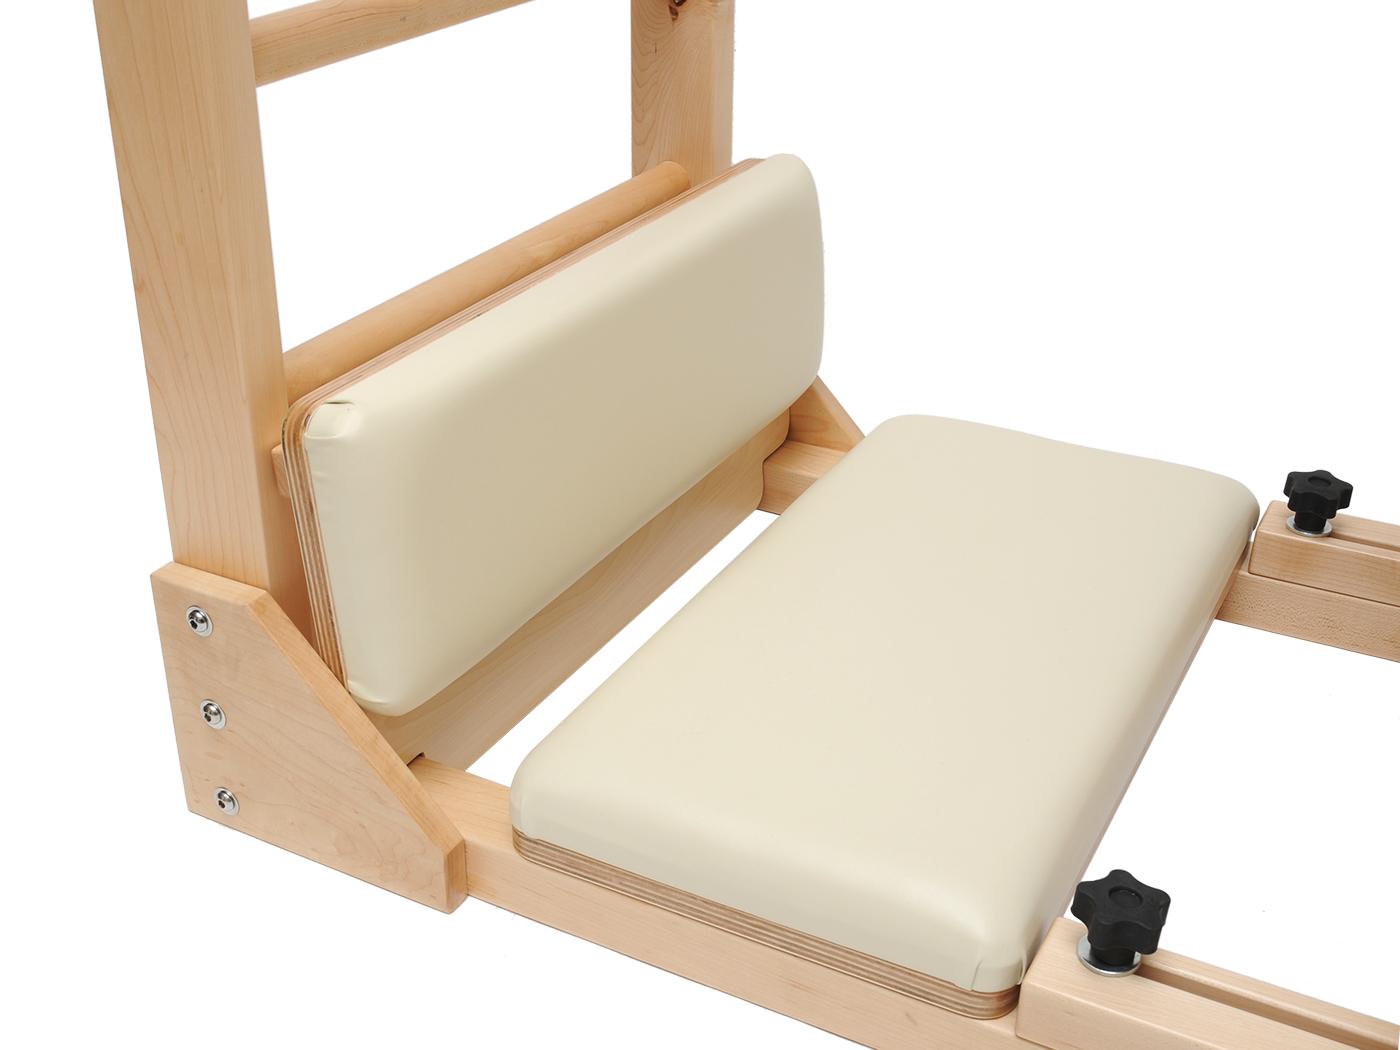 Ladder Barrel - Holz-Basis - creme